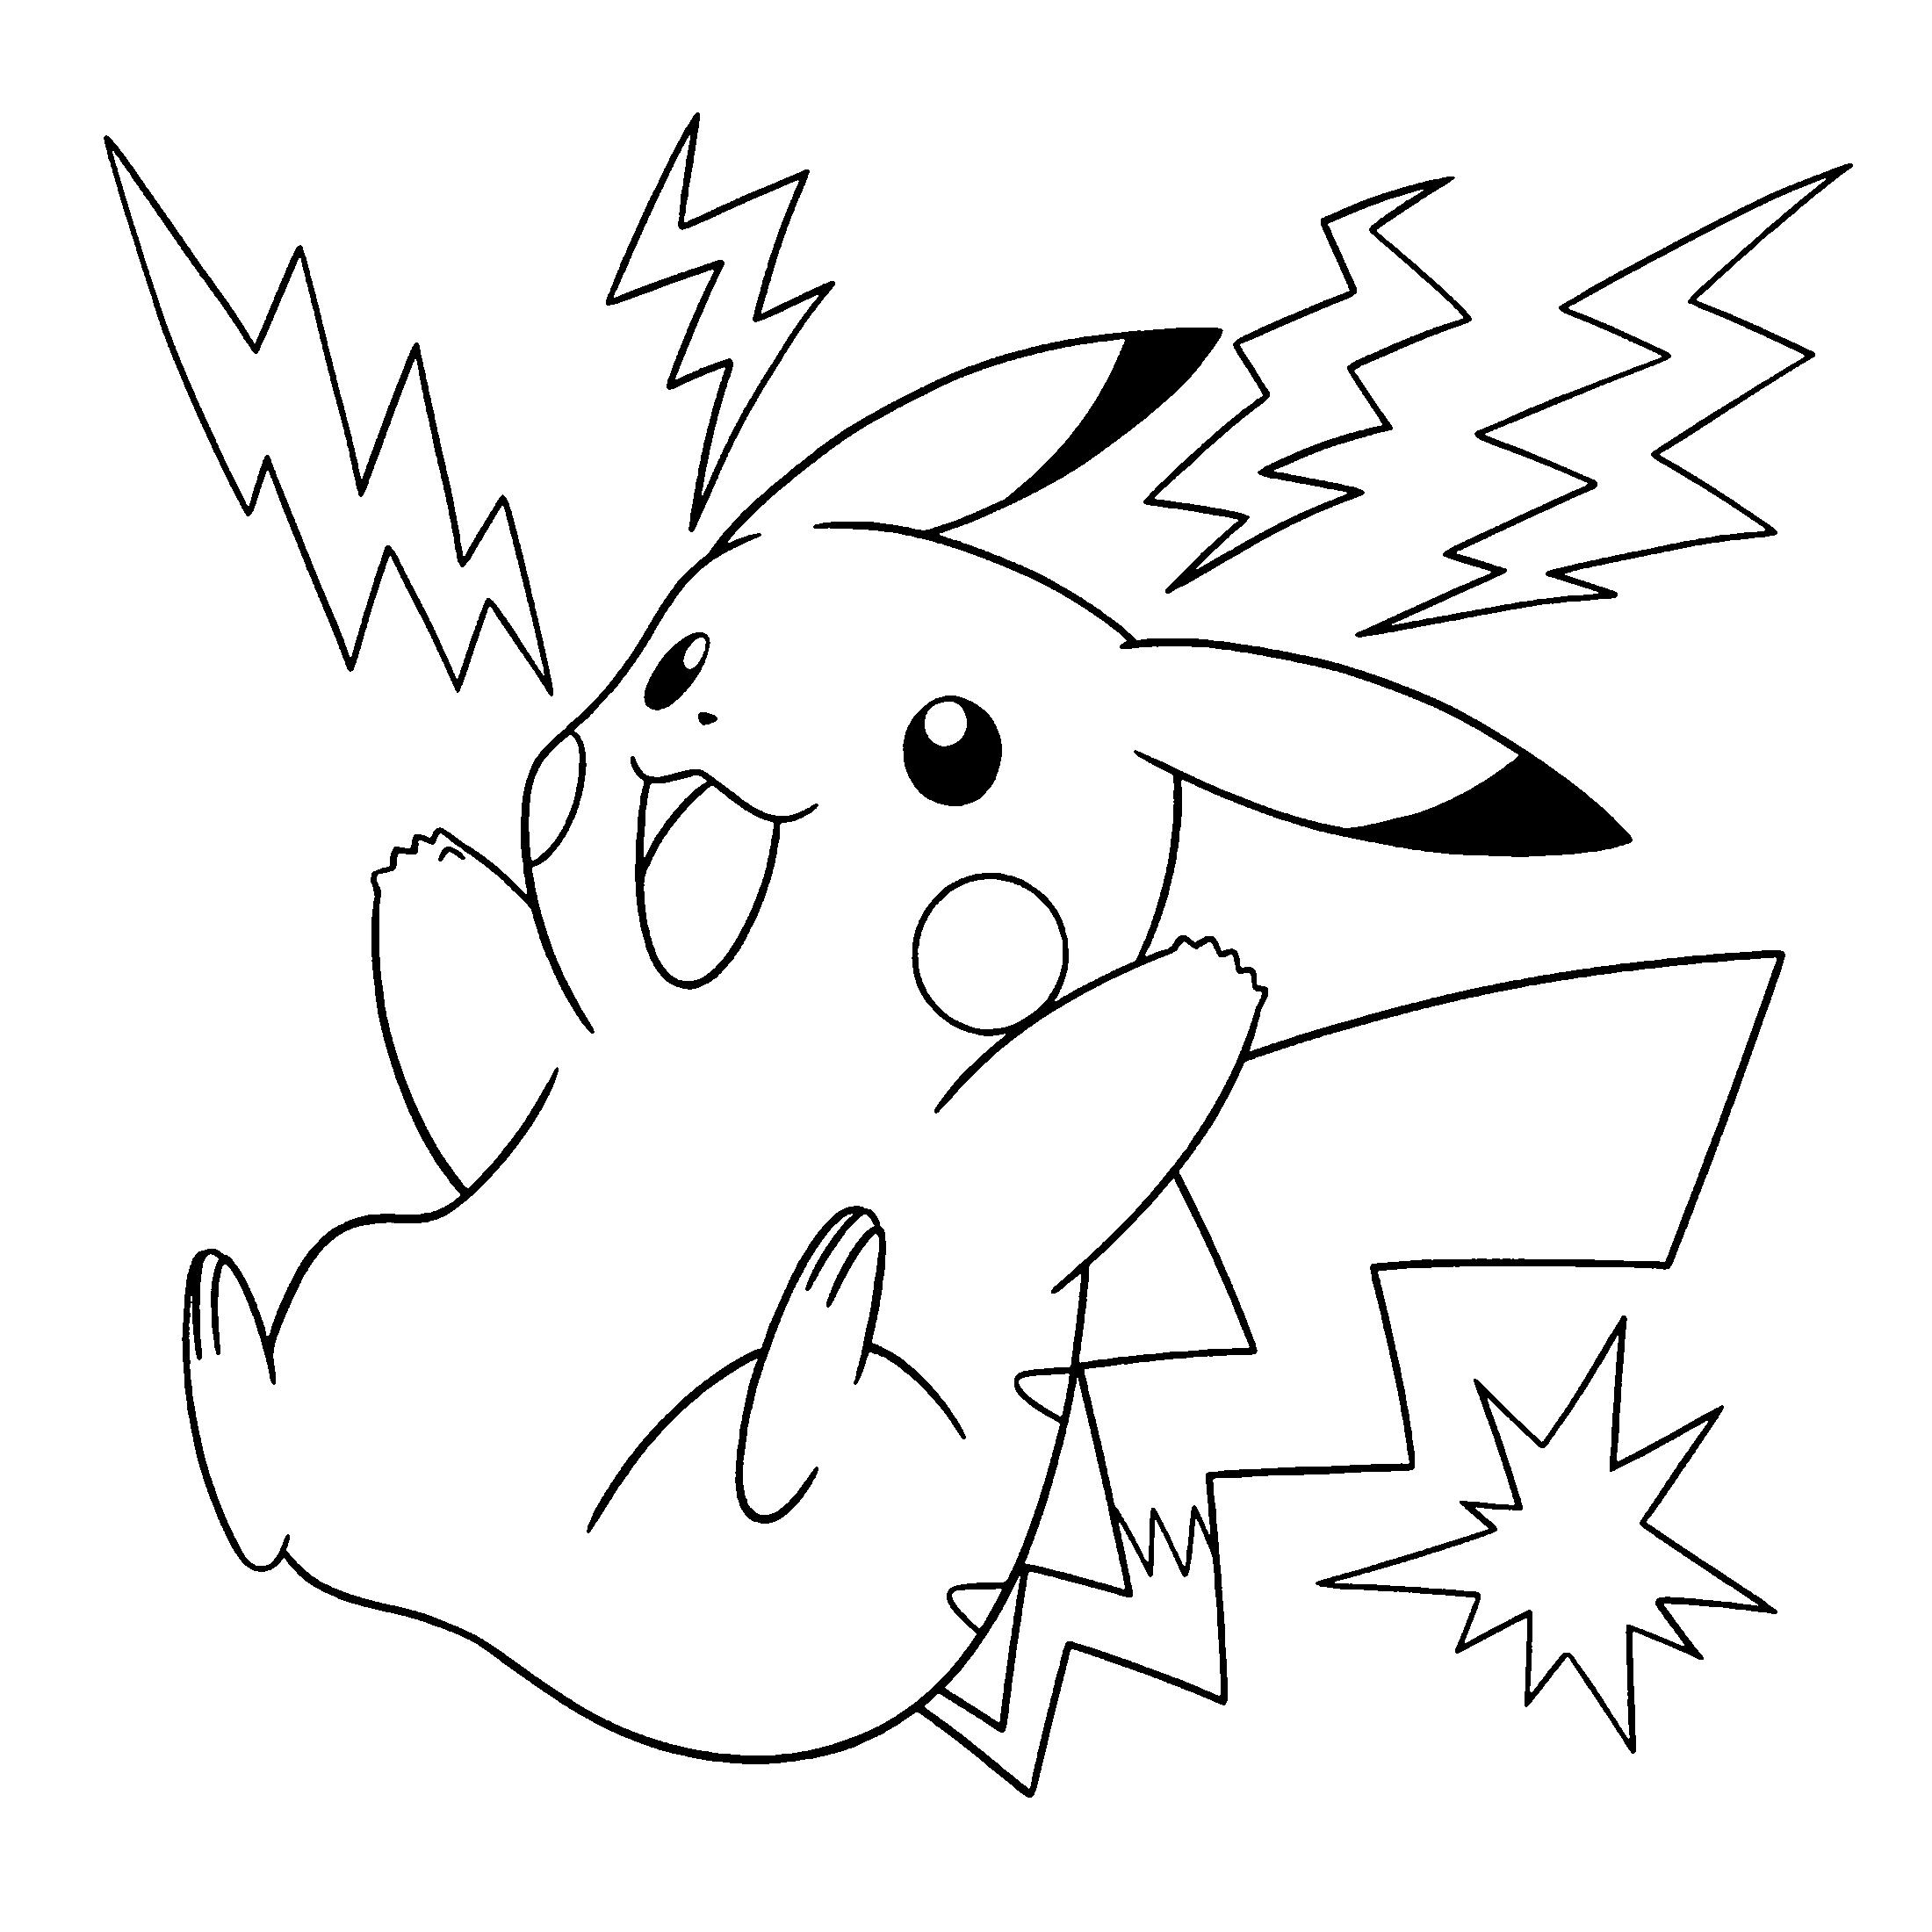 Coloriage Pikachu Gratuit À Imprimer pour Dessin De Pikachu Facile